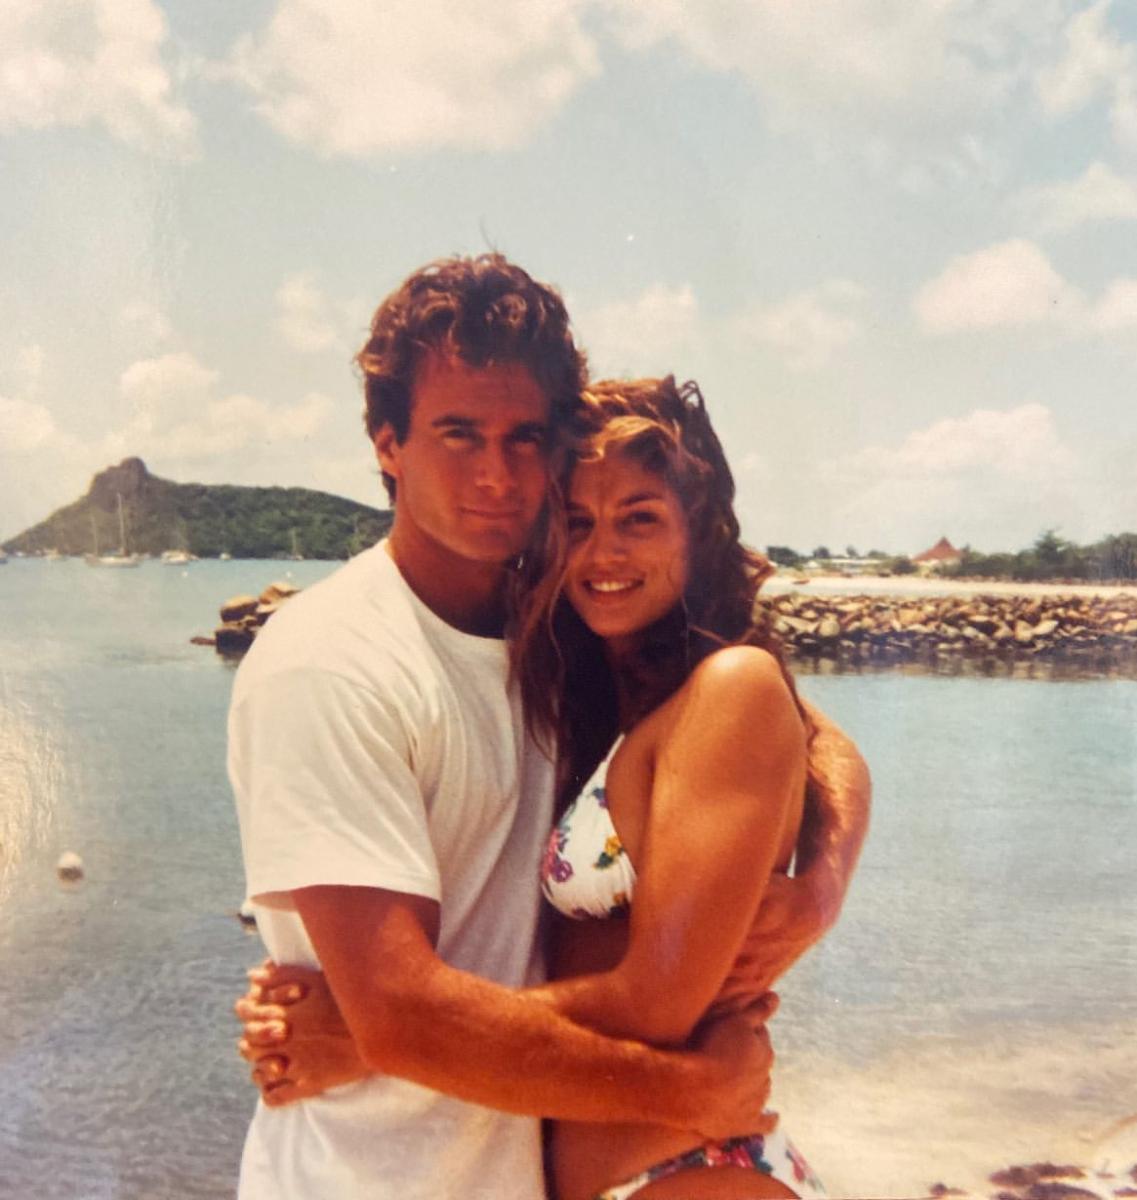 1994年にランディと初めて旅行に行った先でのツーショットだそう。